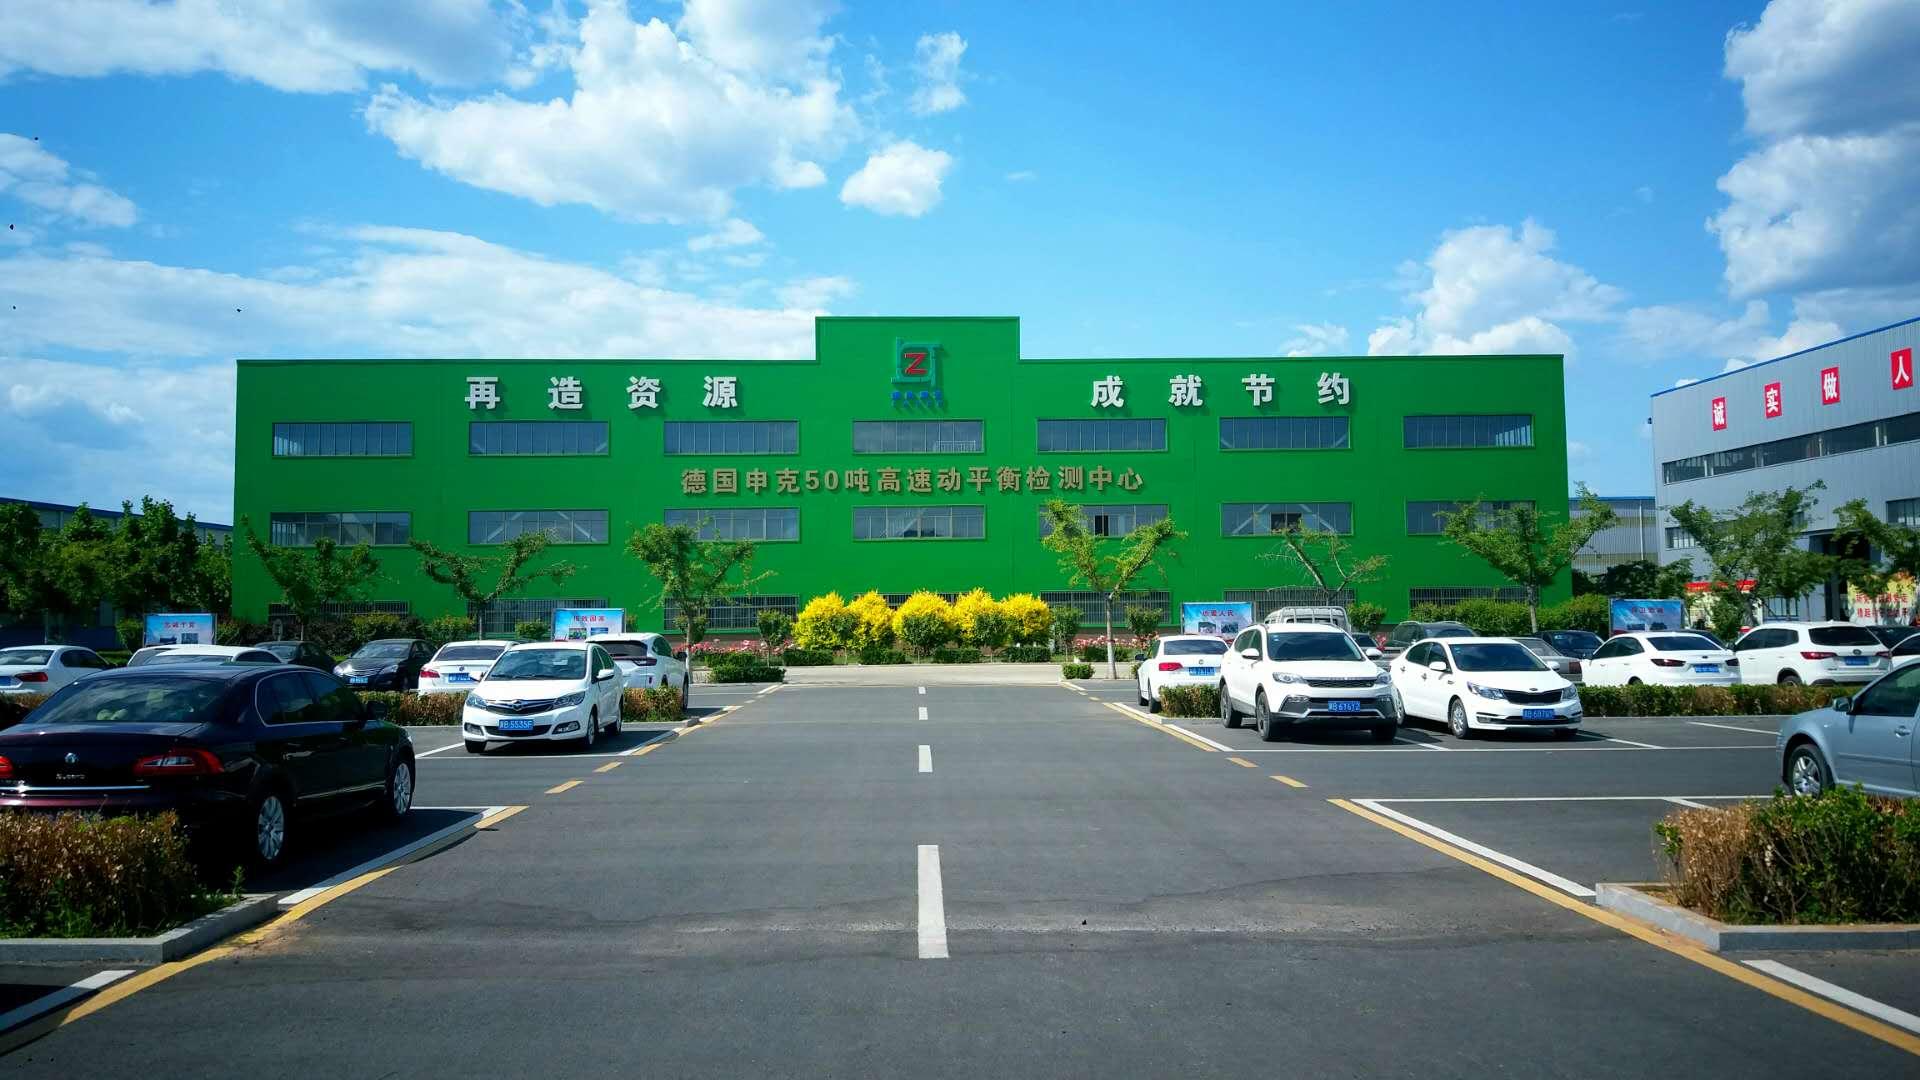 河北竞博电竞JBOJBO竞博电竞再竞博app技术有限公司 绿色发展规划